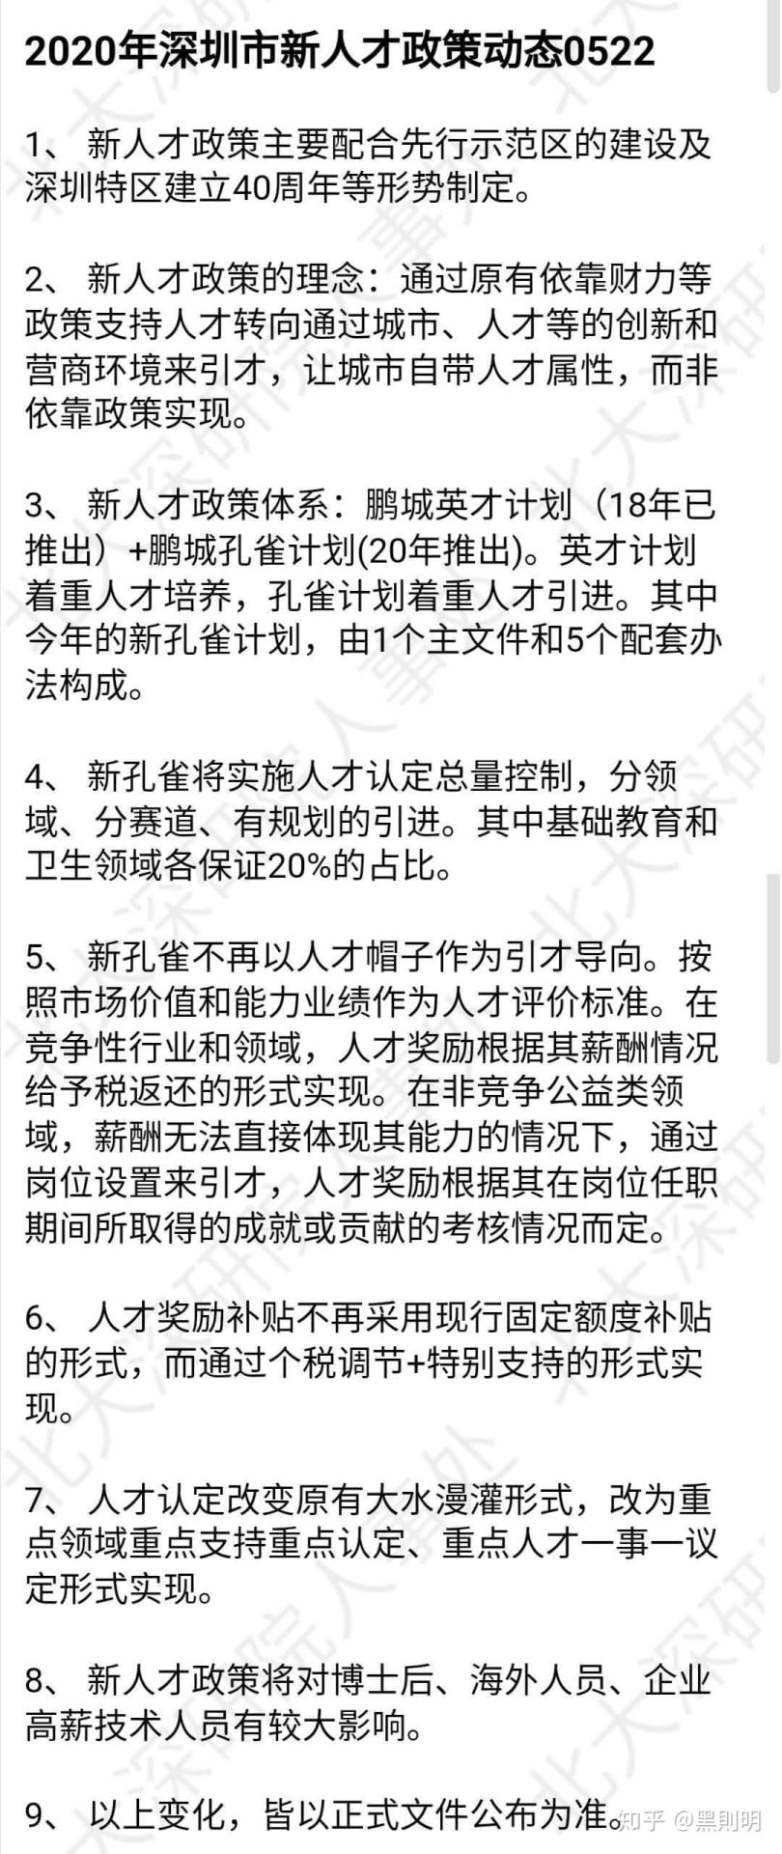 2020 深圳孔雀